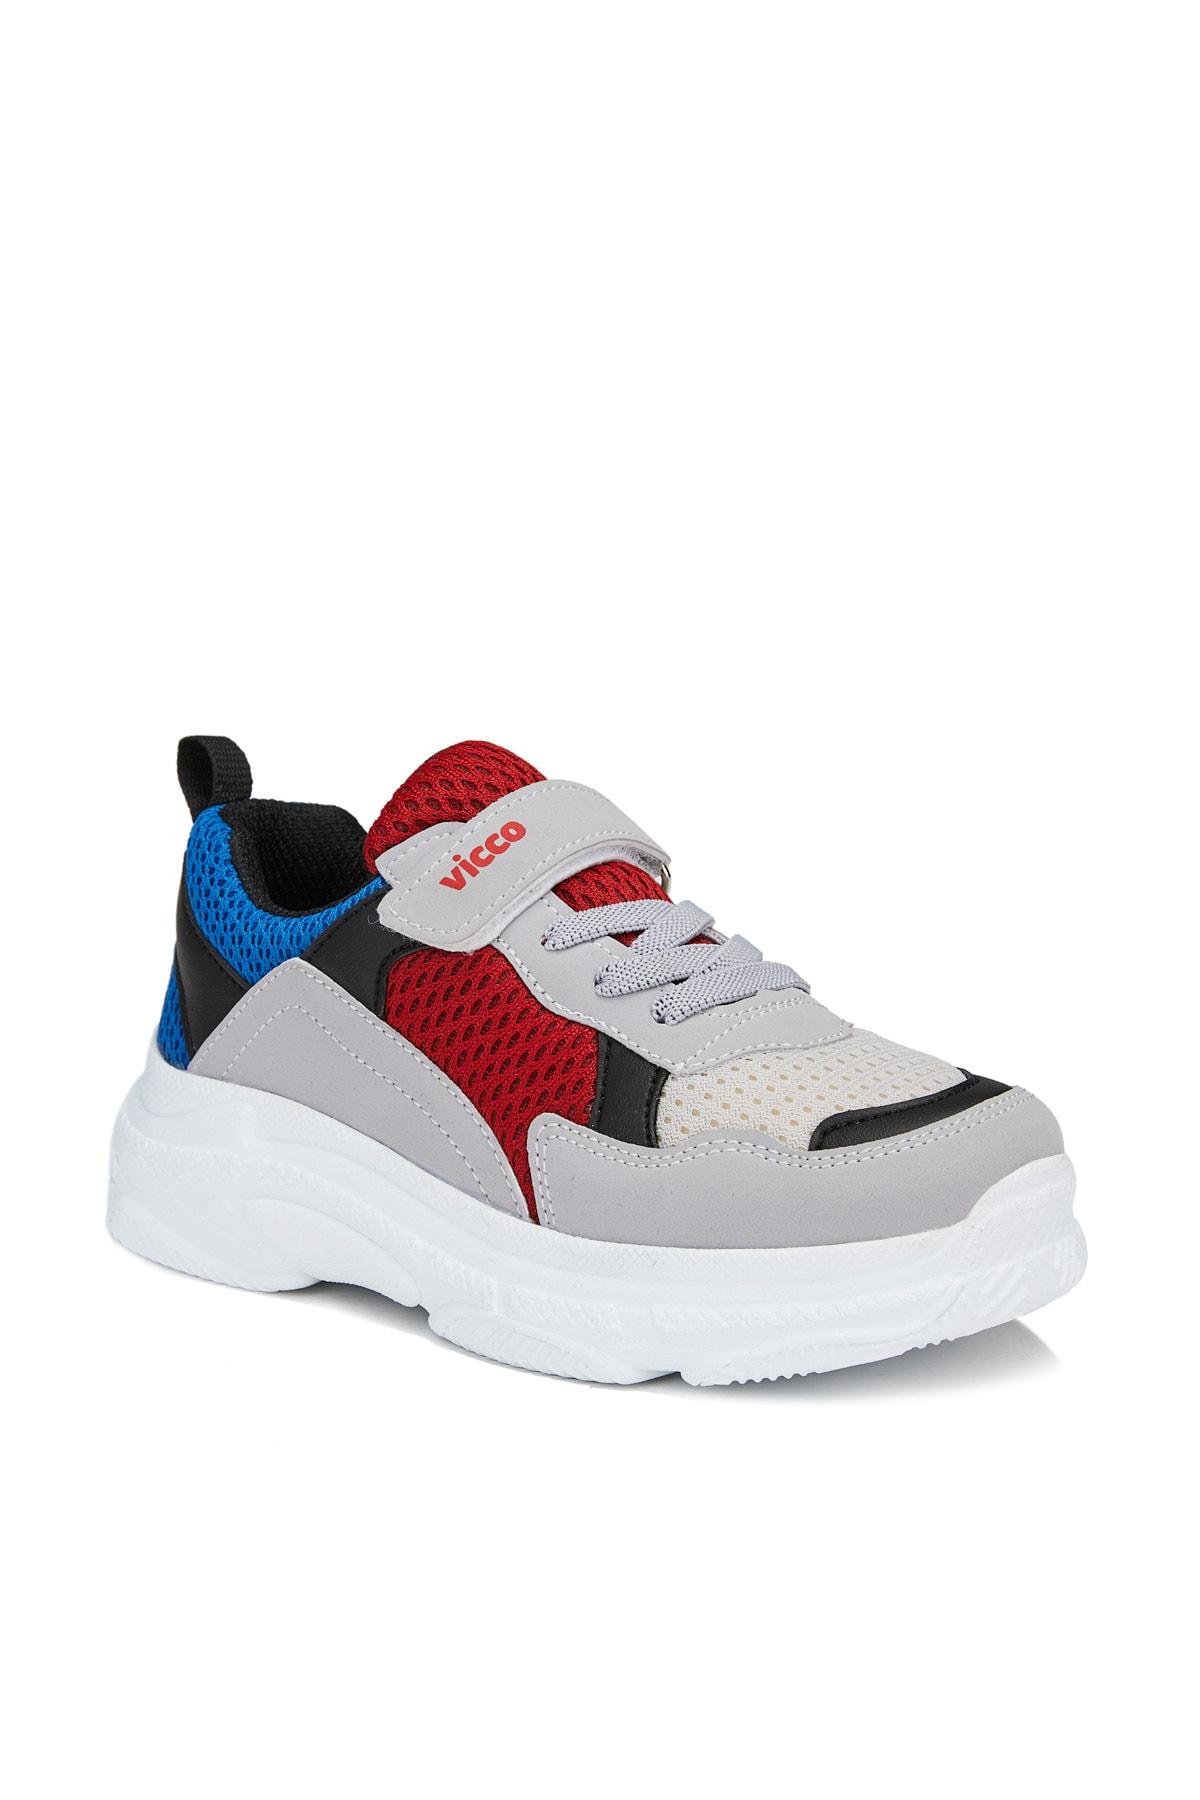 Vicco Alto Unisex Çocuk Gri Spor Ayakkabı 1